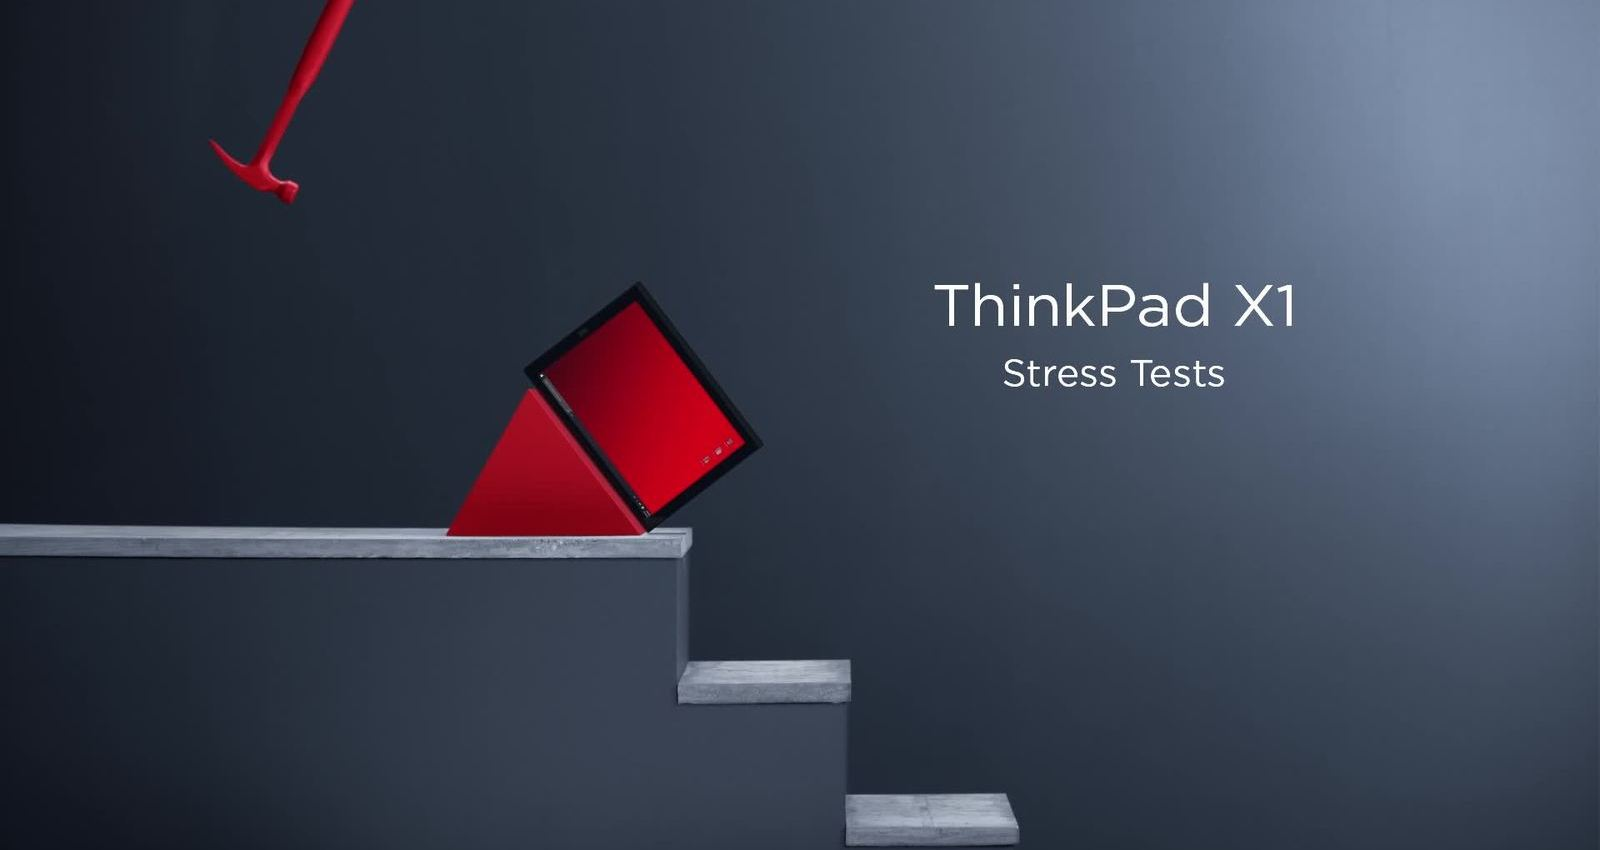 Thinkpad X1 - Stress Tests